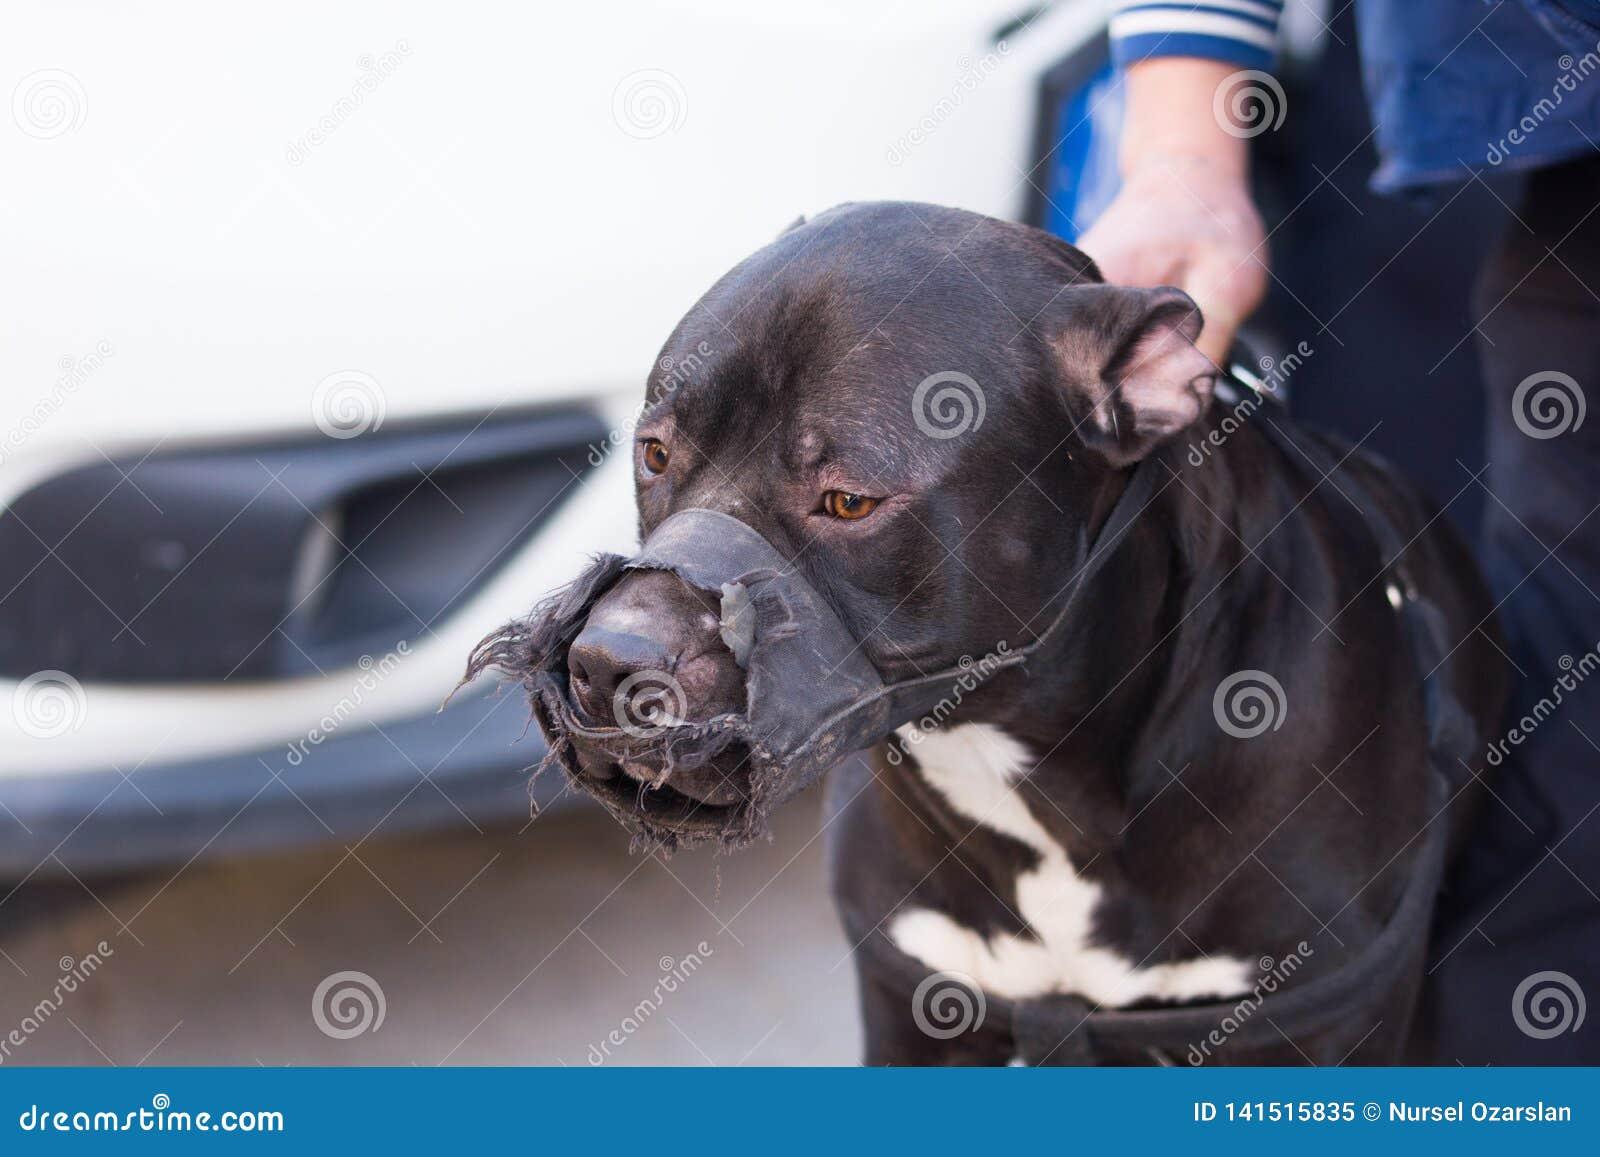 Pitbull dog stock image  Image of incision, dangerous